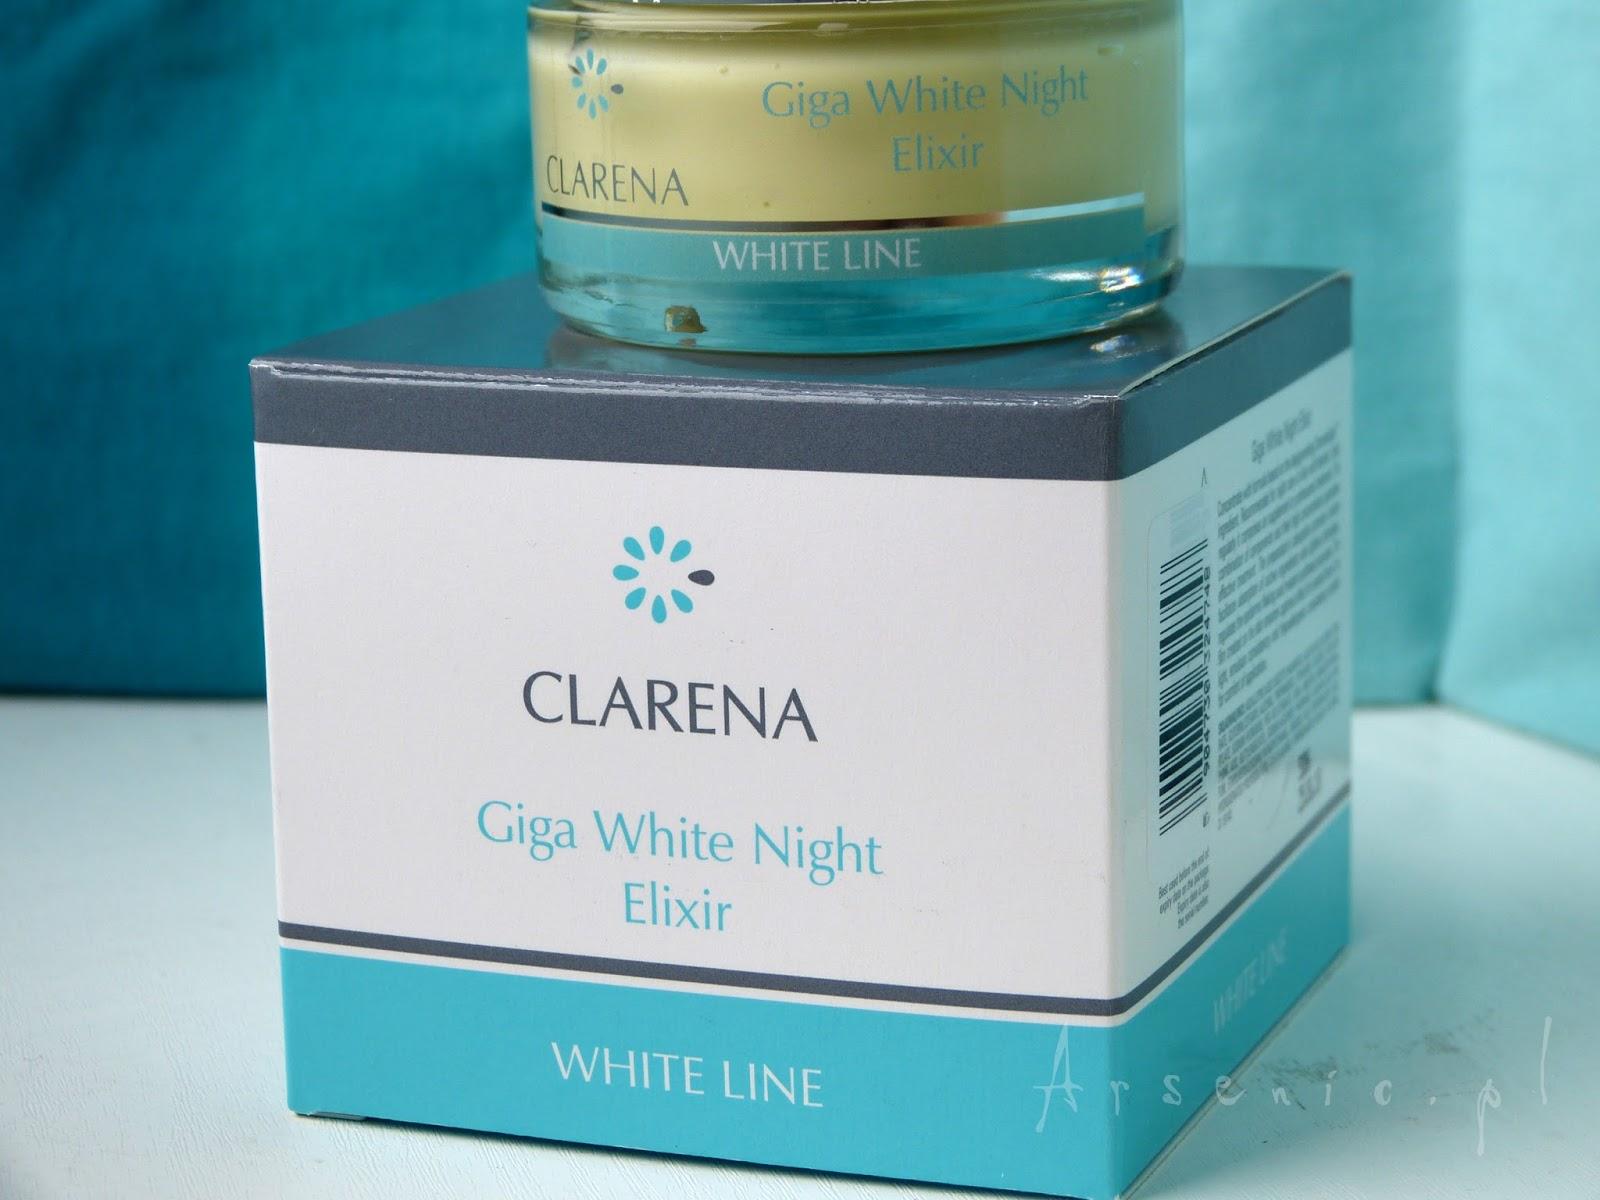 Kolejny krem wybielający: Clarena Giga White Night Elixir